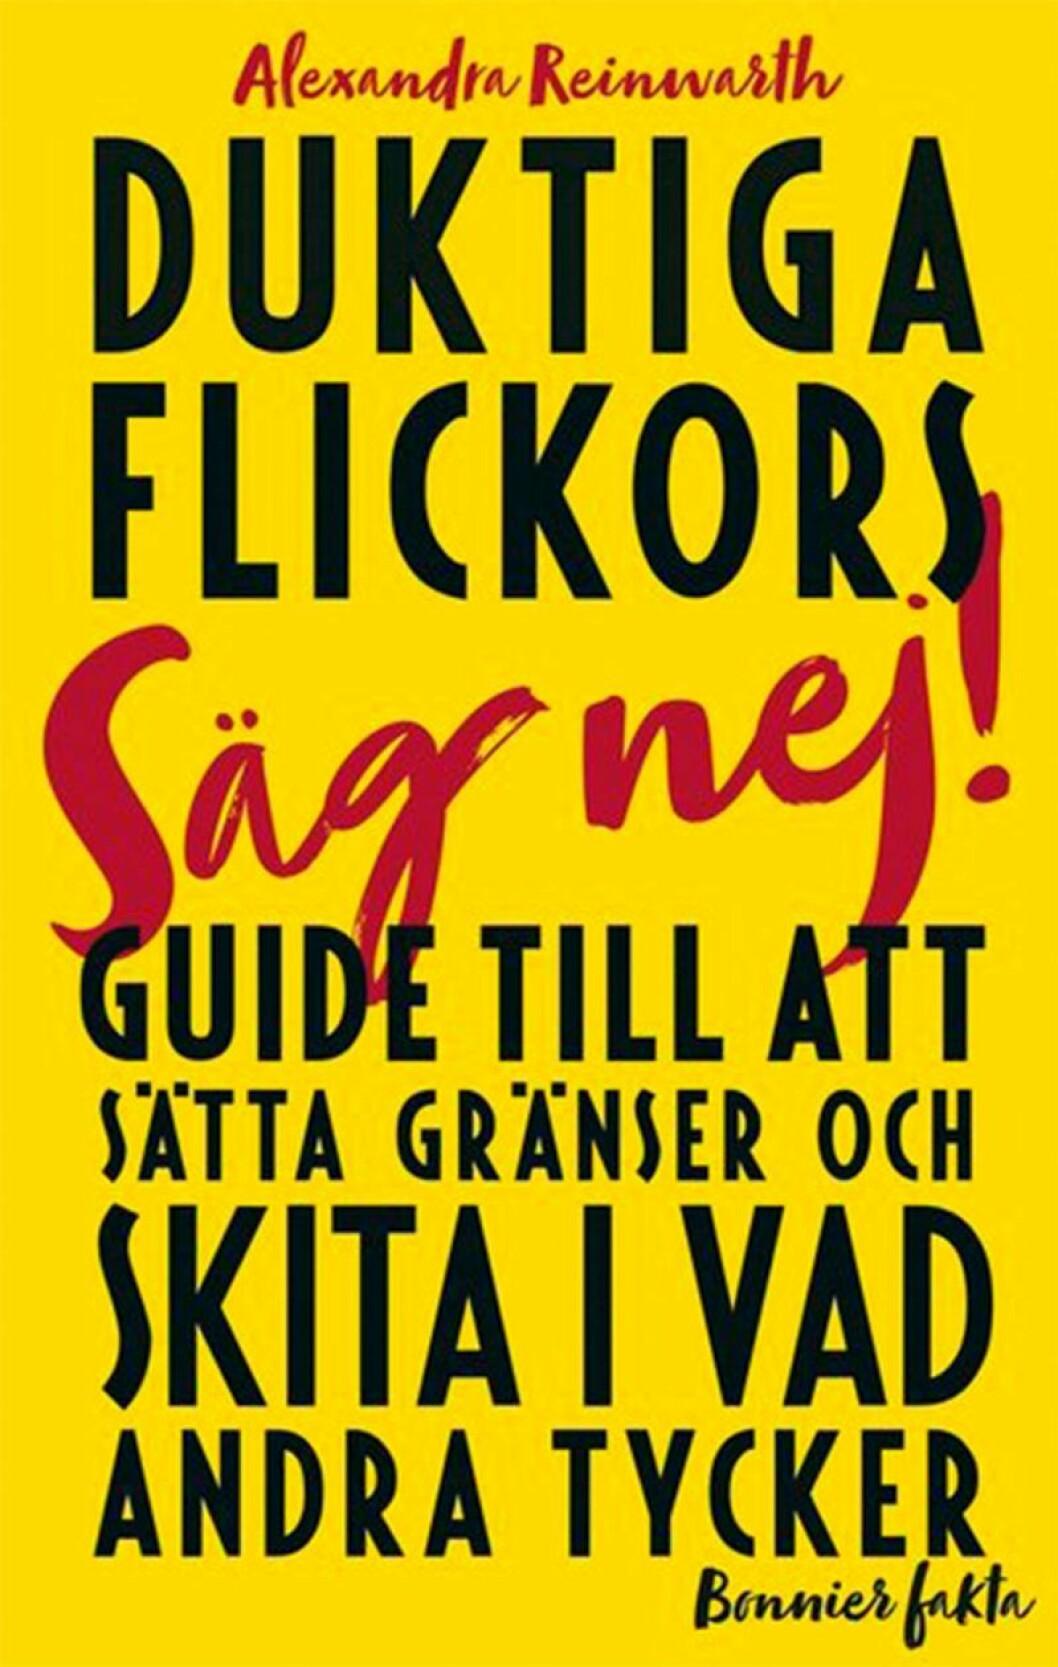 Bokomslag till Duktiga flickors guide till att sätta gränser och skita i vad andra tycker, svarta bokstäver av boktiteln täcker framsidan och en röd handskriven text där det står, säg nej!